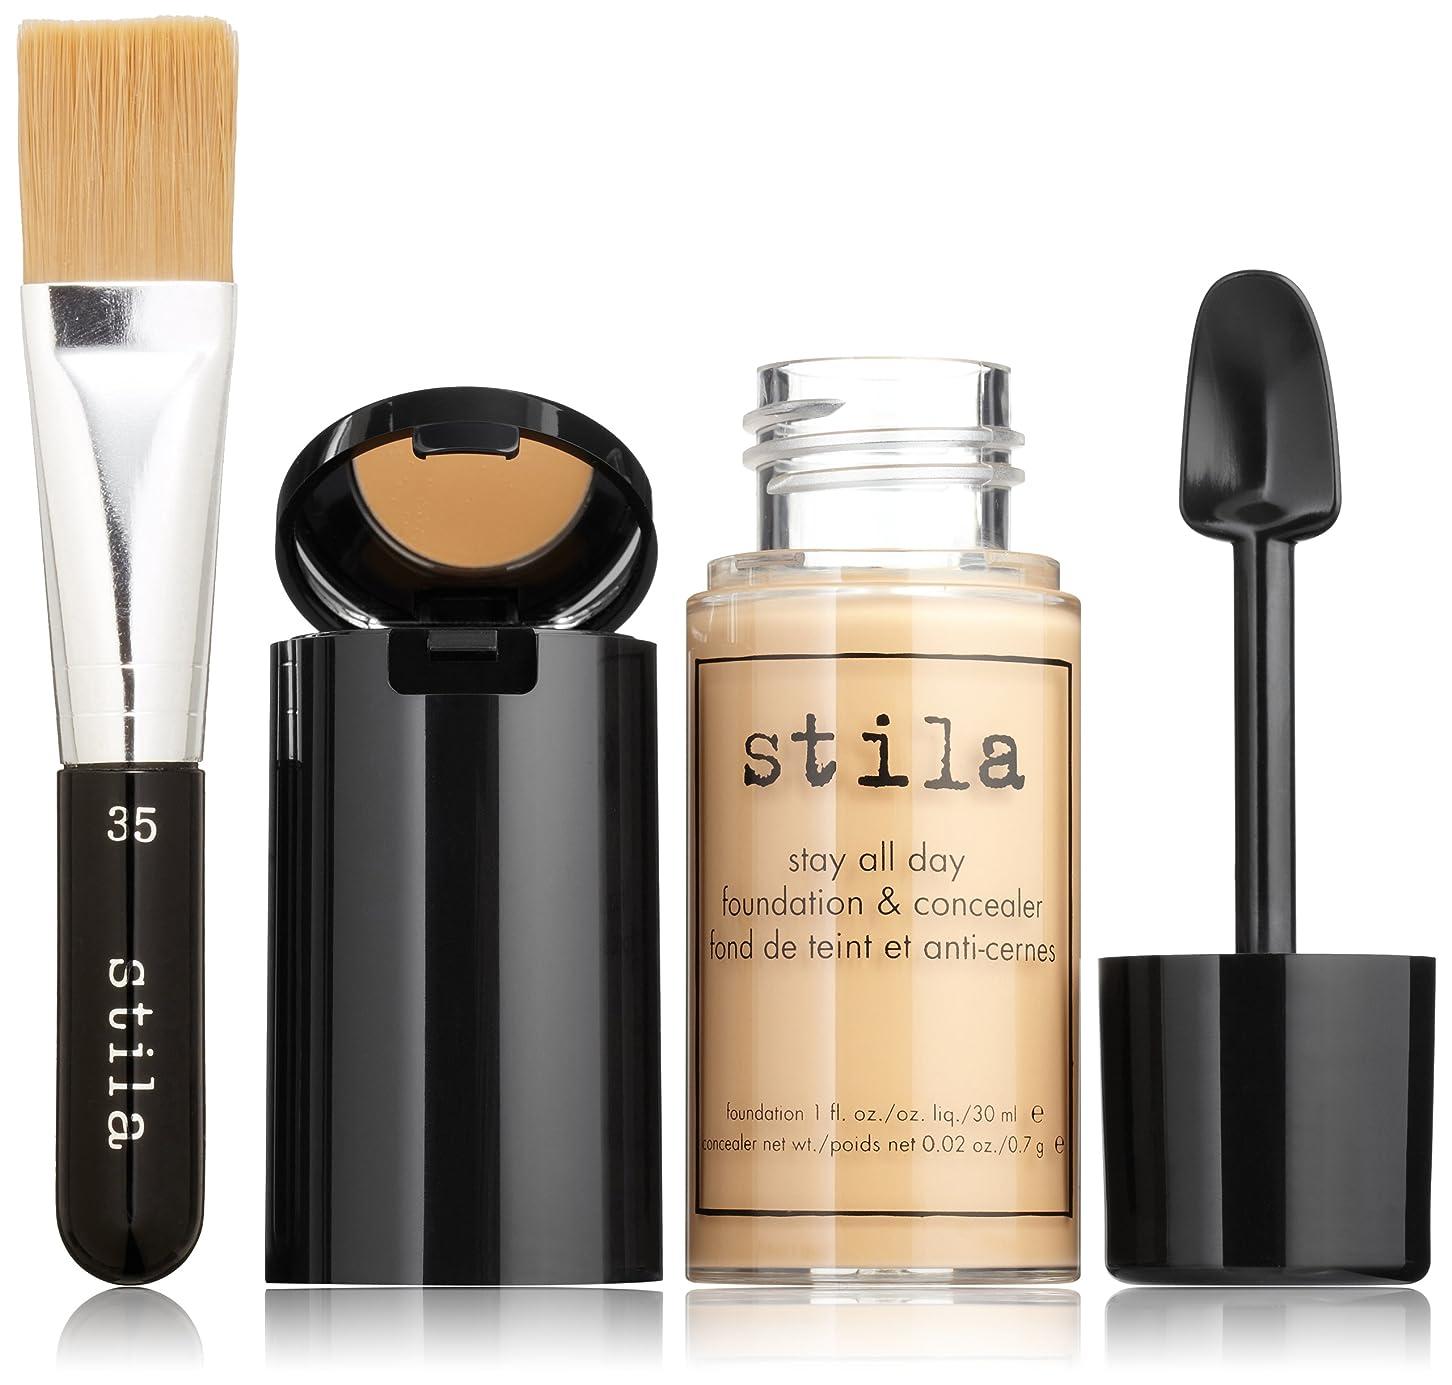 同情平和なぜスティラ Stay All Day Foundation, Concealer & Brush Kit - # 7 Buff 2pcs並行輸入品